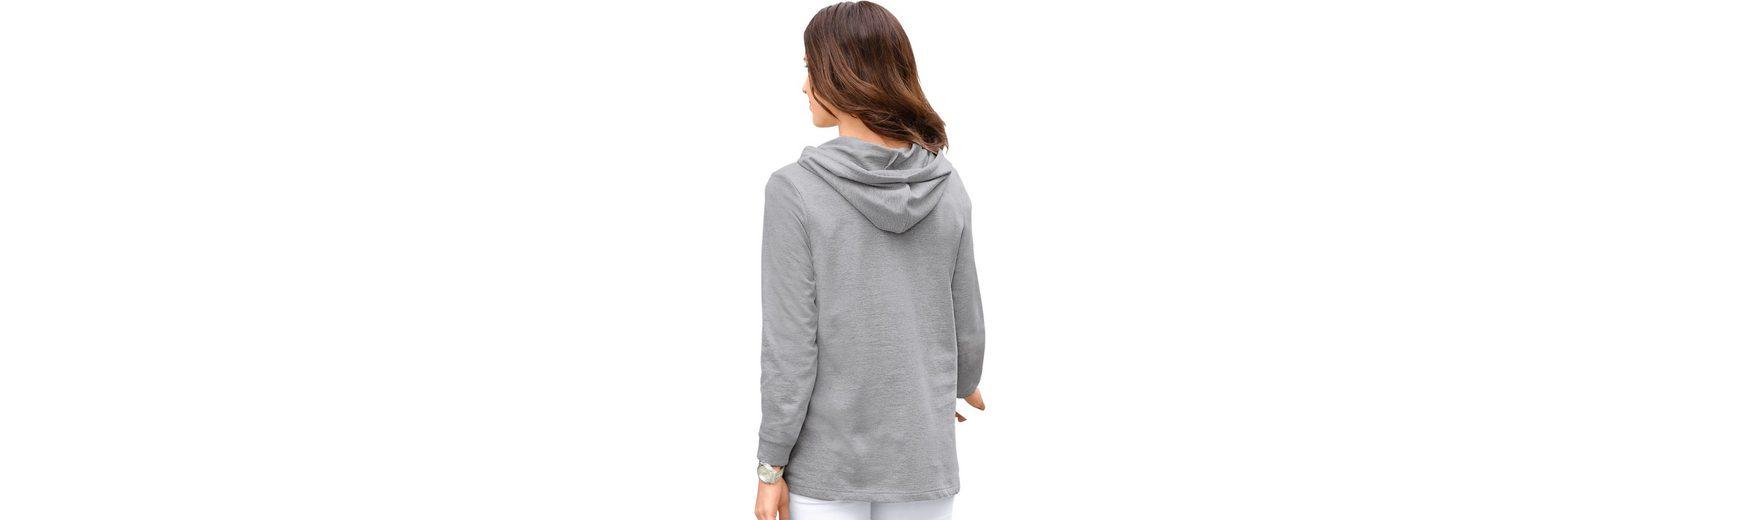 Outlet Top-Qualität Sammlungen Zum Verkauf Classic Basics Sweatshirt mit Kapuze DaRvDrs